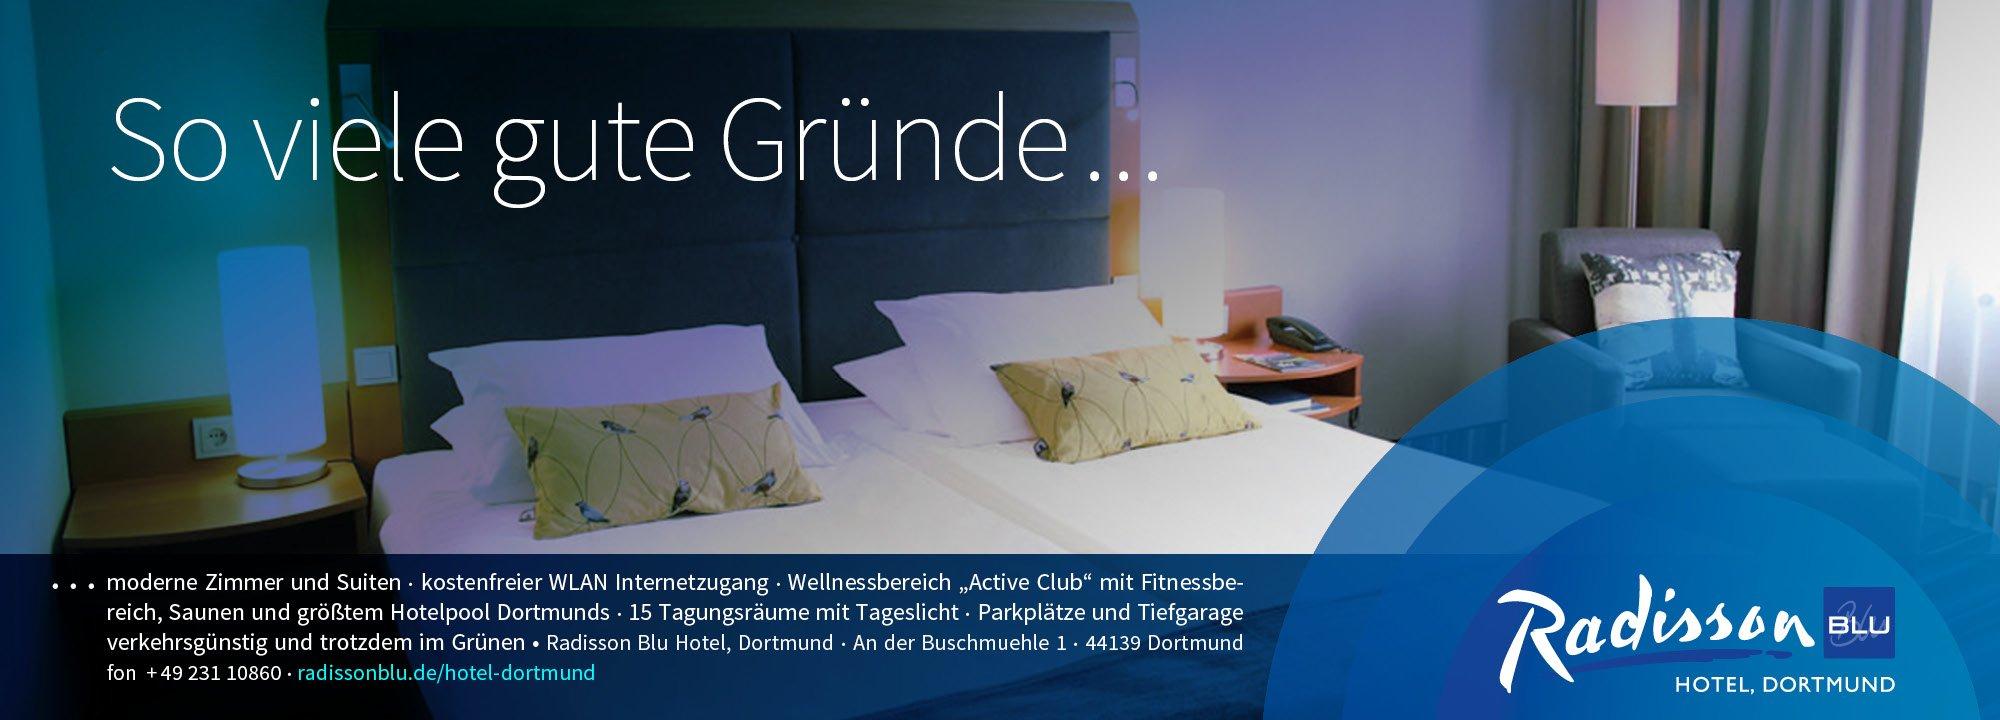 Anzeige Radisson Blu Hotel 2013